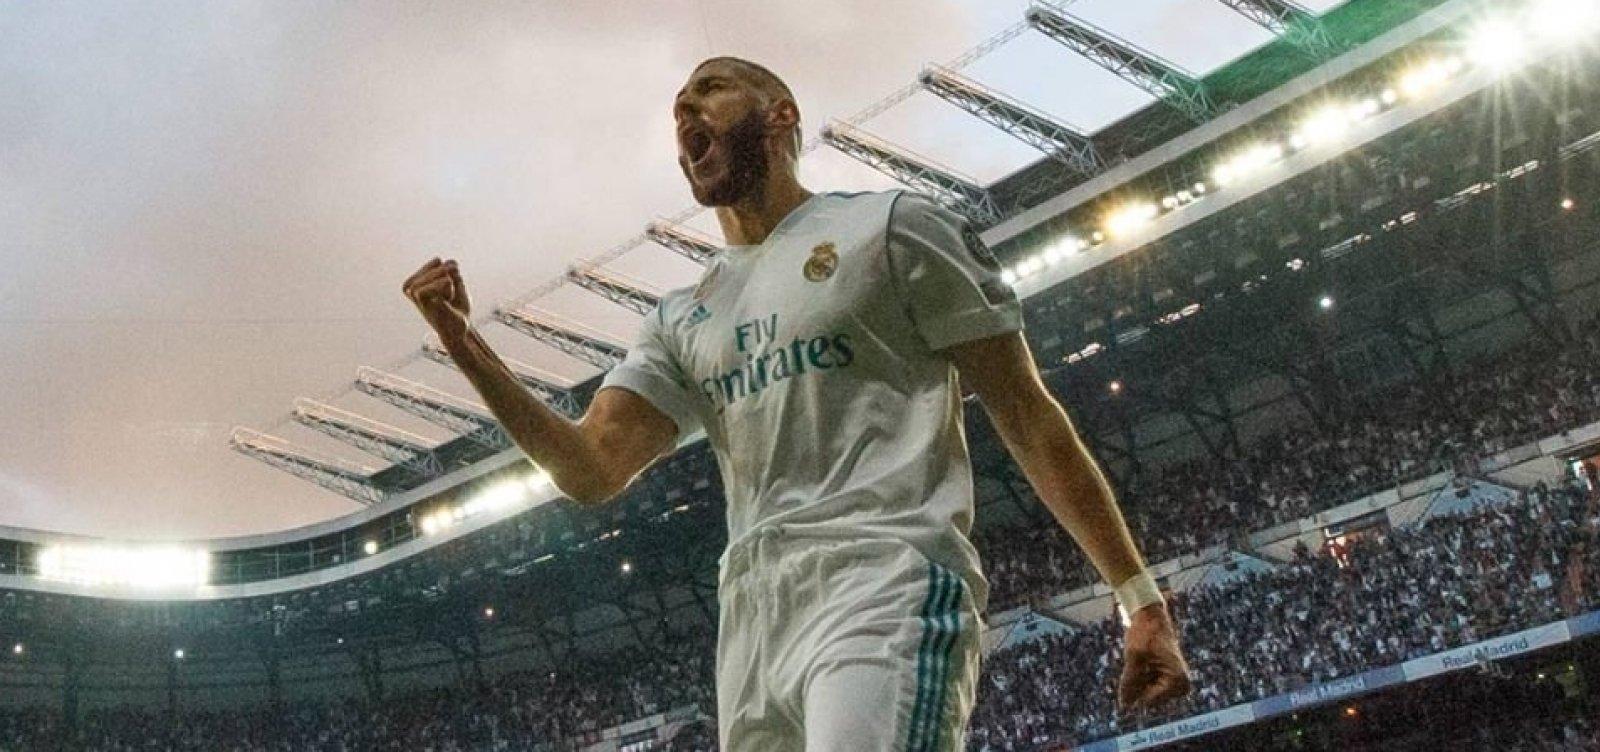 [Por 3 a 1, Real Madrid vence o Liverpool na grande final da Liga dos Campeões]